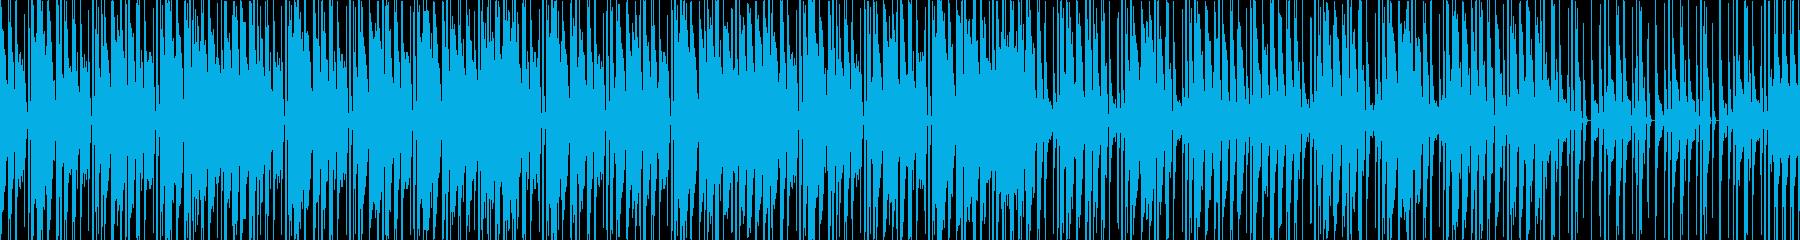 ローファイHIPHOP感のあるインストの再生済みの波形